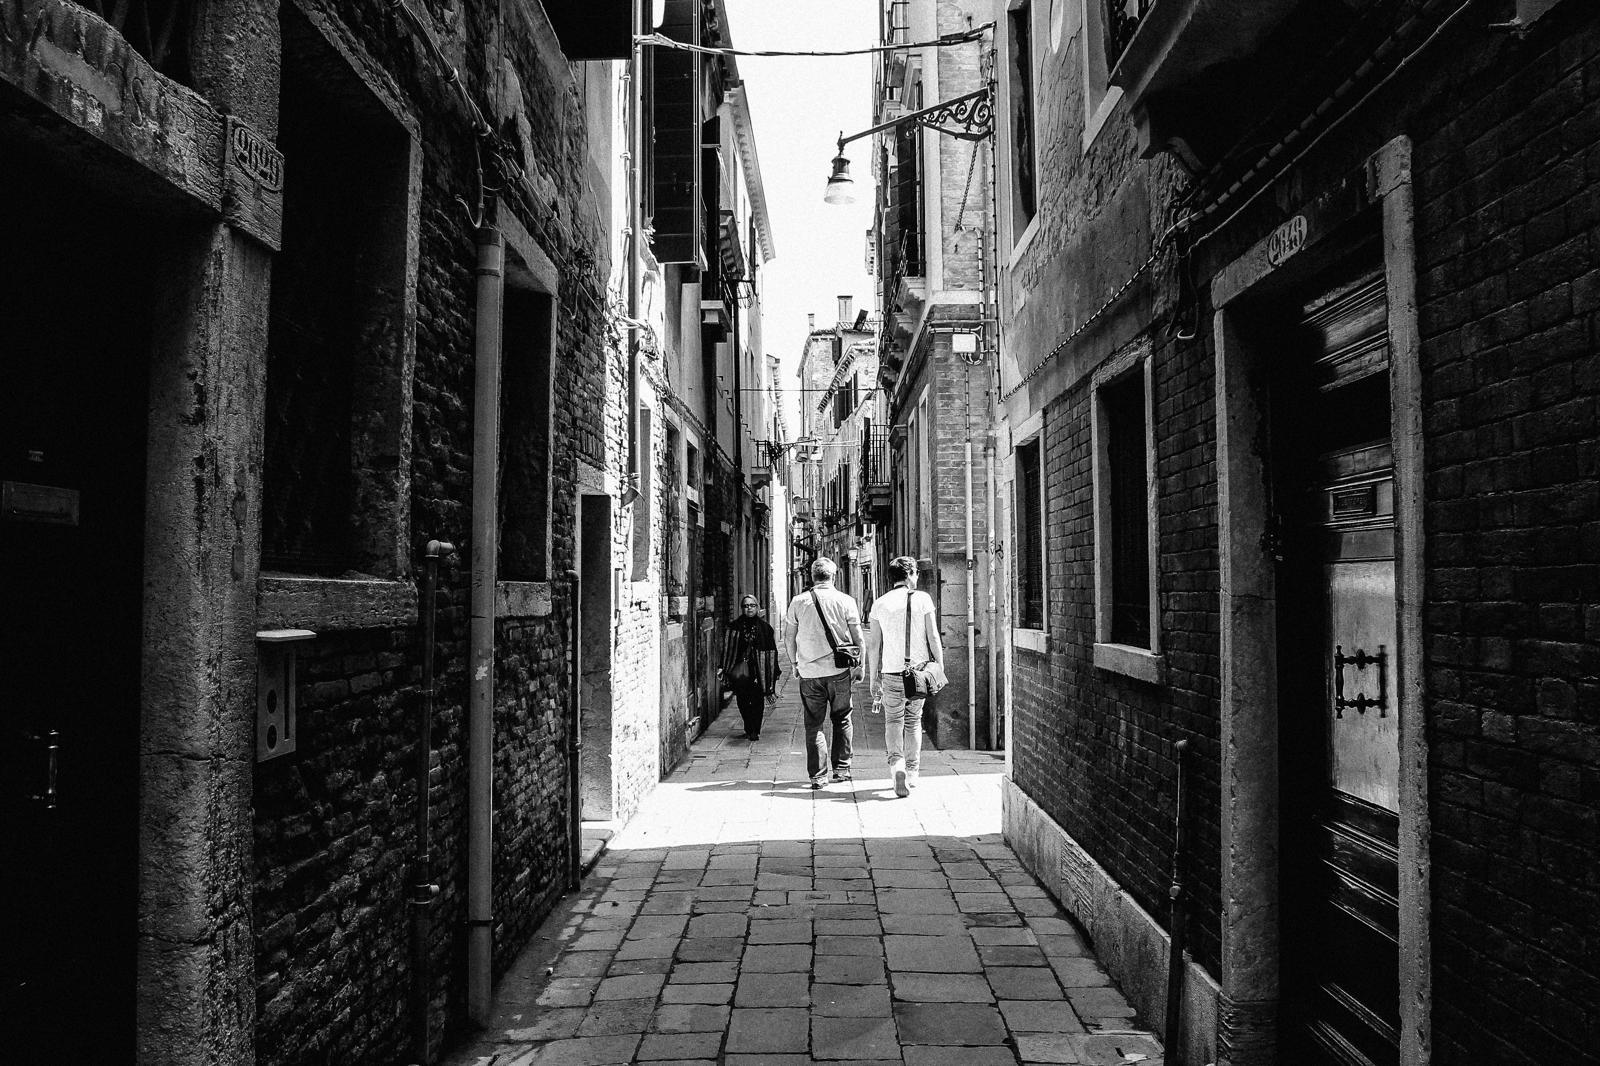 Venice - A Photo Diary. Italy, Europe (3)